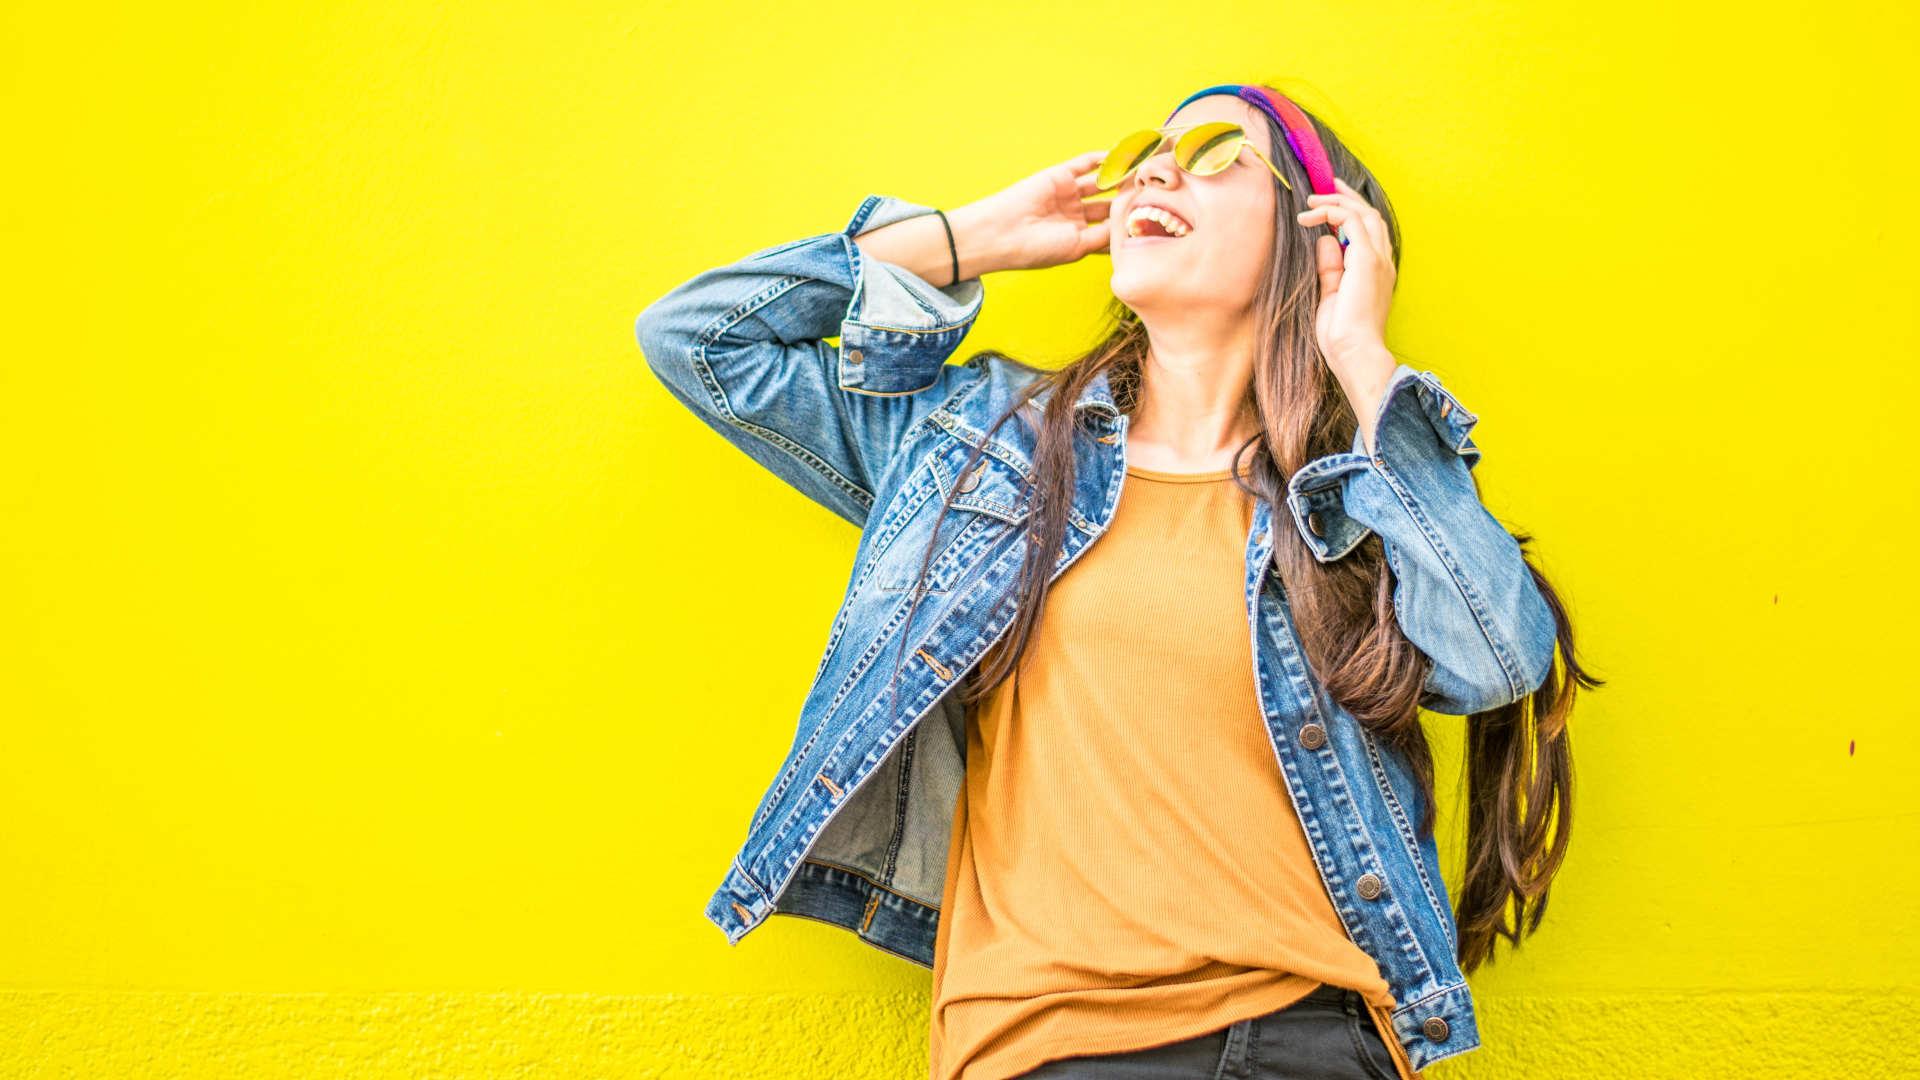 Vesela djevojka na žutoj pozadini